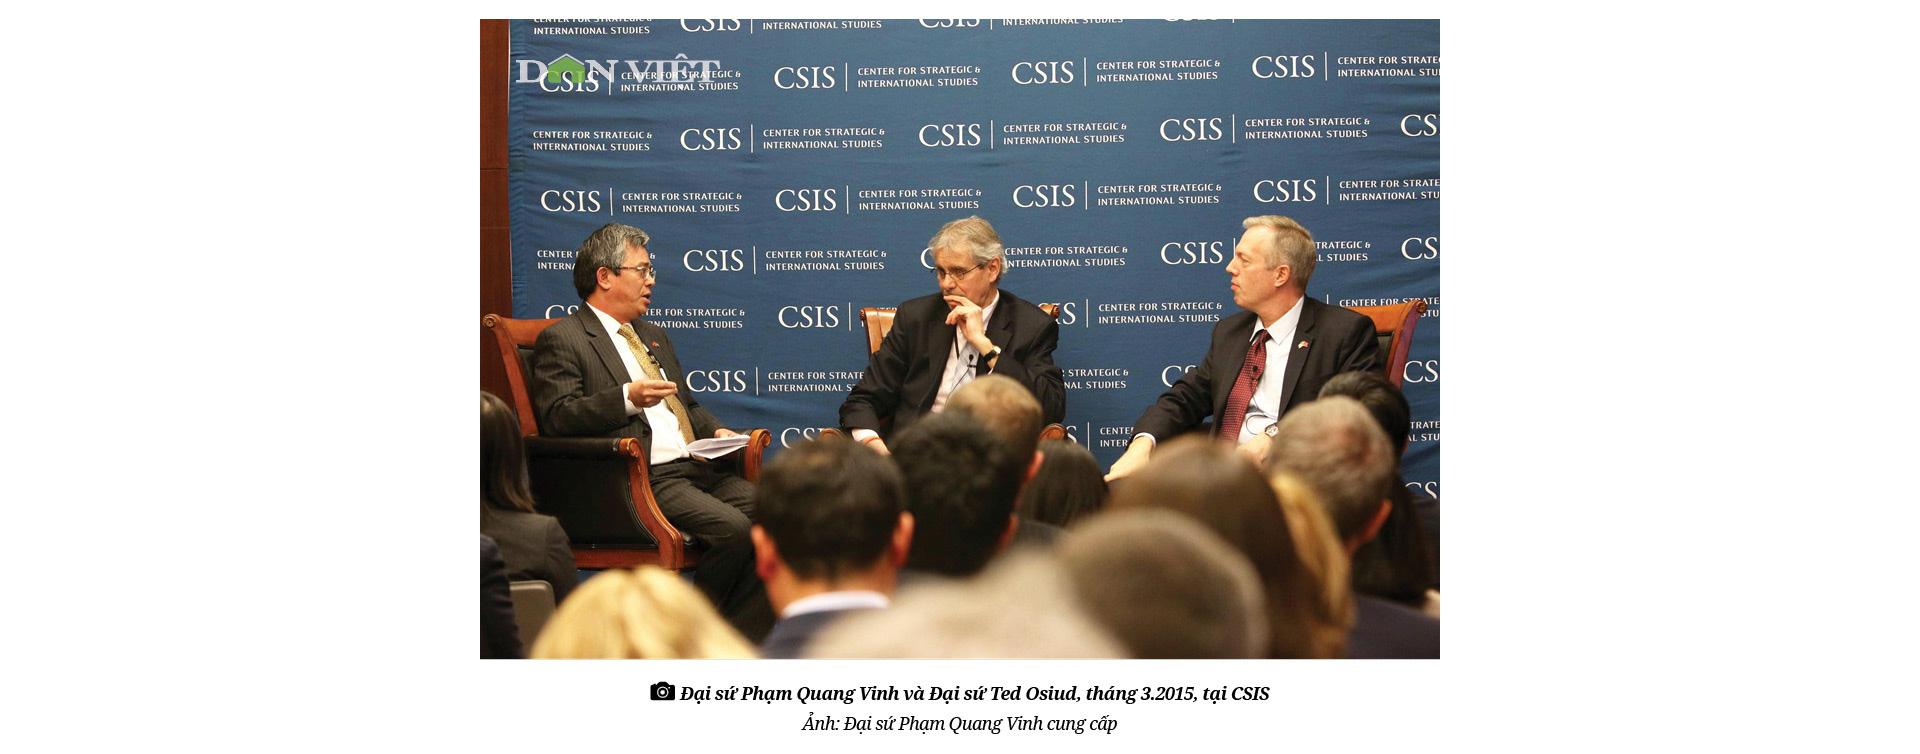 Cựu Đại sứ Mỹ tại Việt Nam Ted Osius: Hòa giải Việt Mỹ - Không gì là không thể - Ảnh 18.